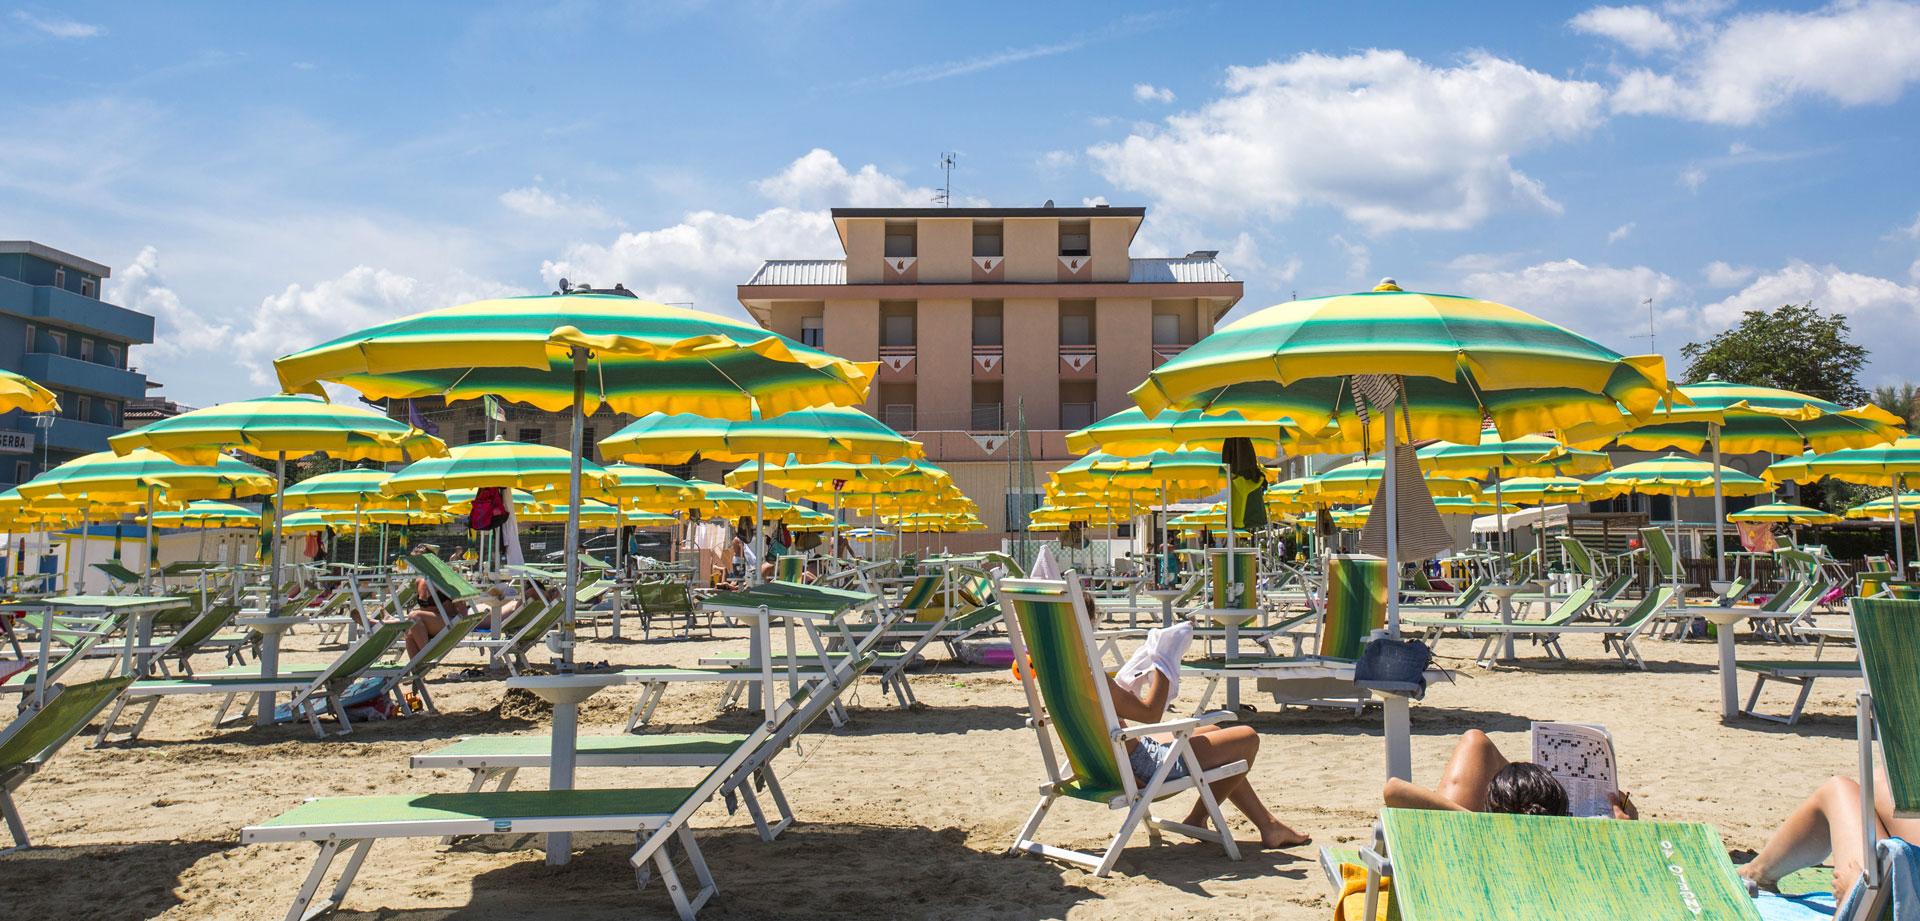 Offerta Vacanza al mare di Rimini dal 11 luglio al 8 agosto 2020 all'hotel Eden direttamente sulla spiaggia